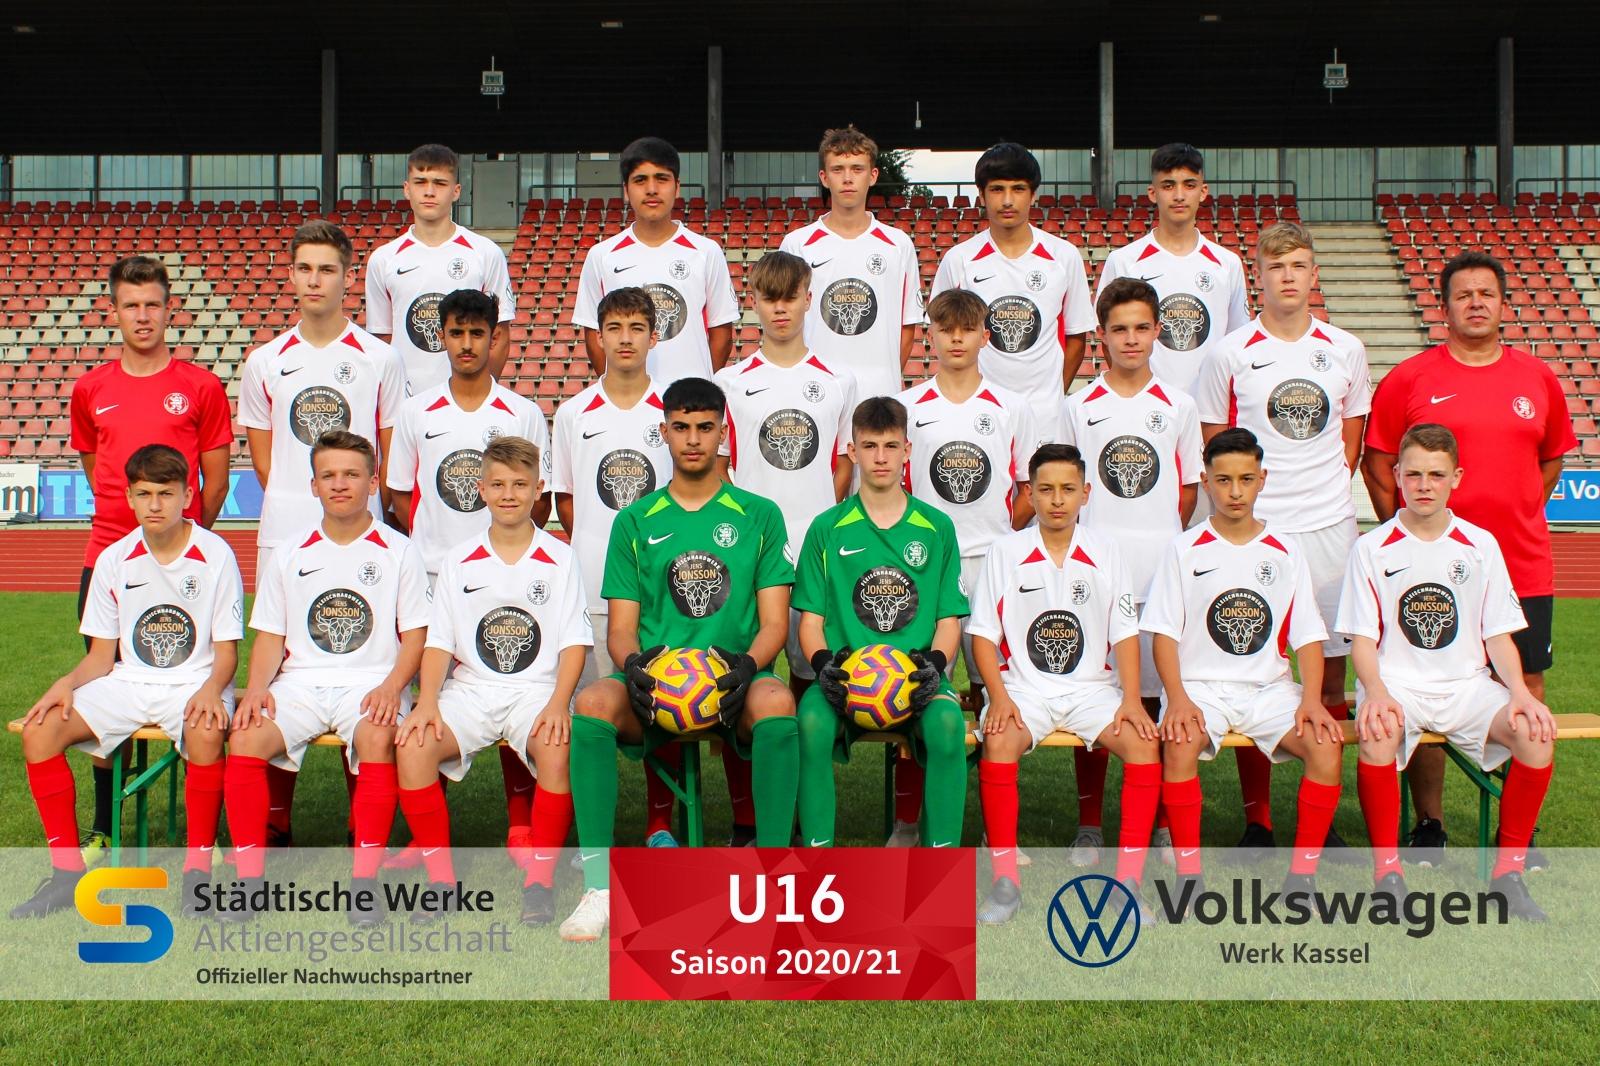 U16 Mannschaft 2020_21